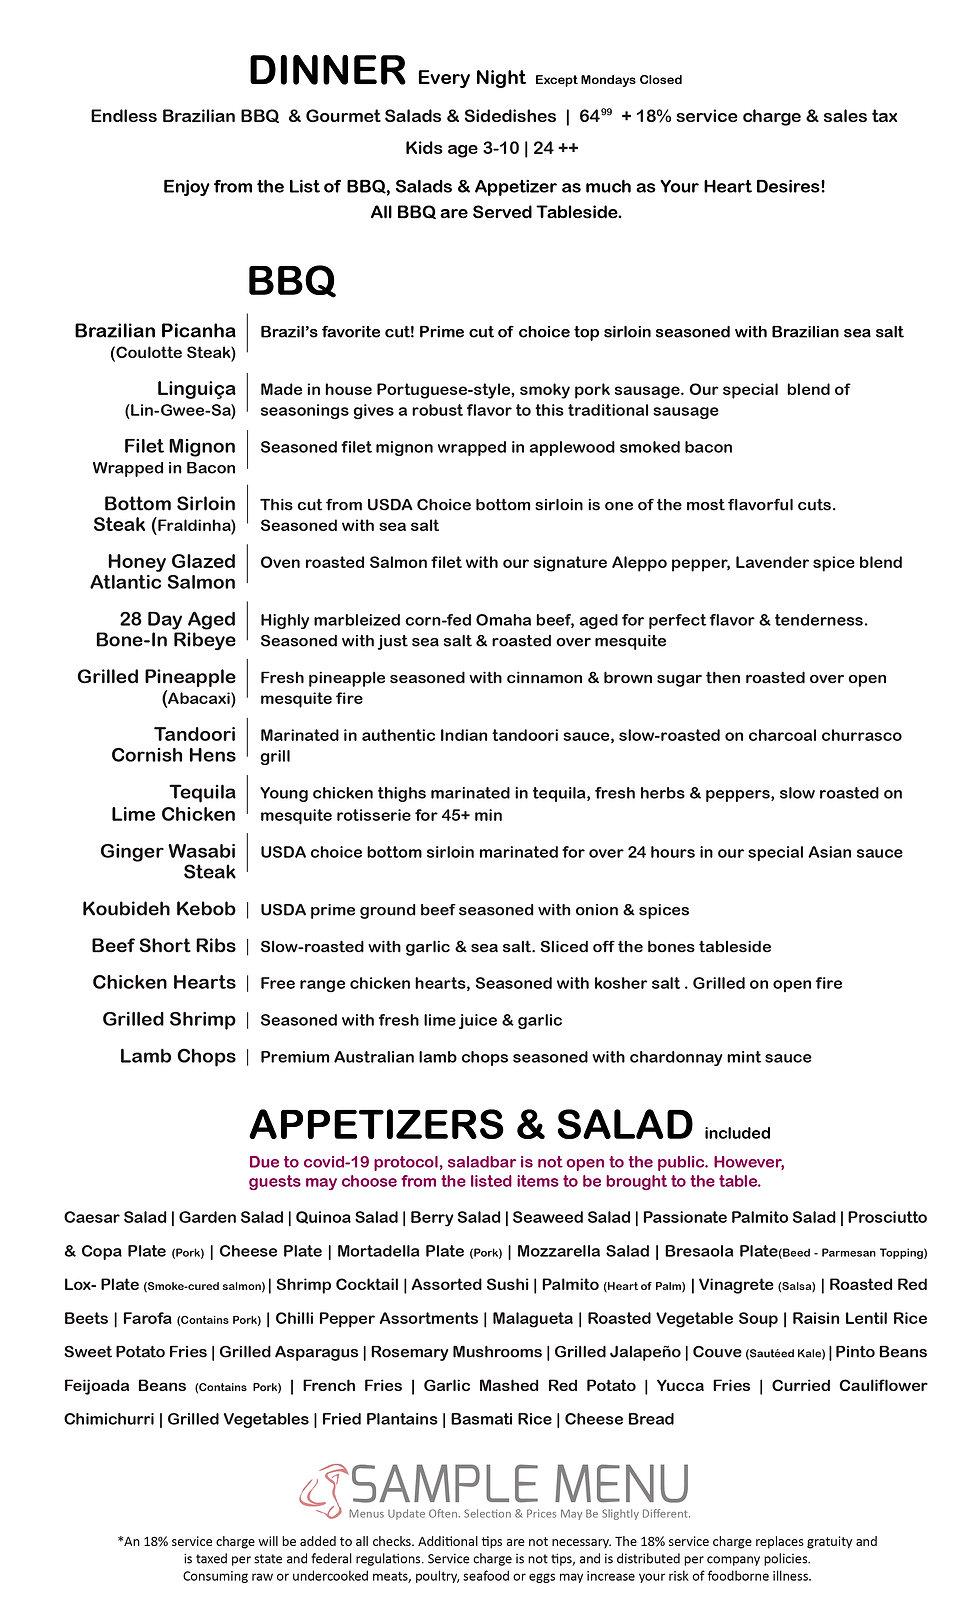 Dinner No Saladbar 5.27.21-01.jpg